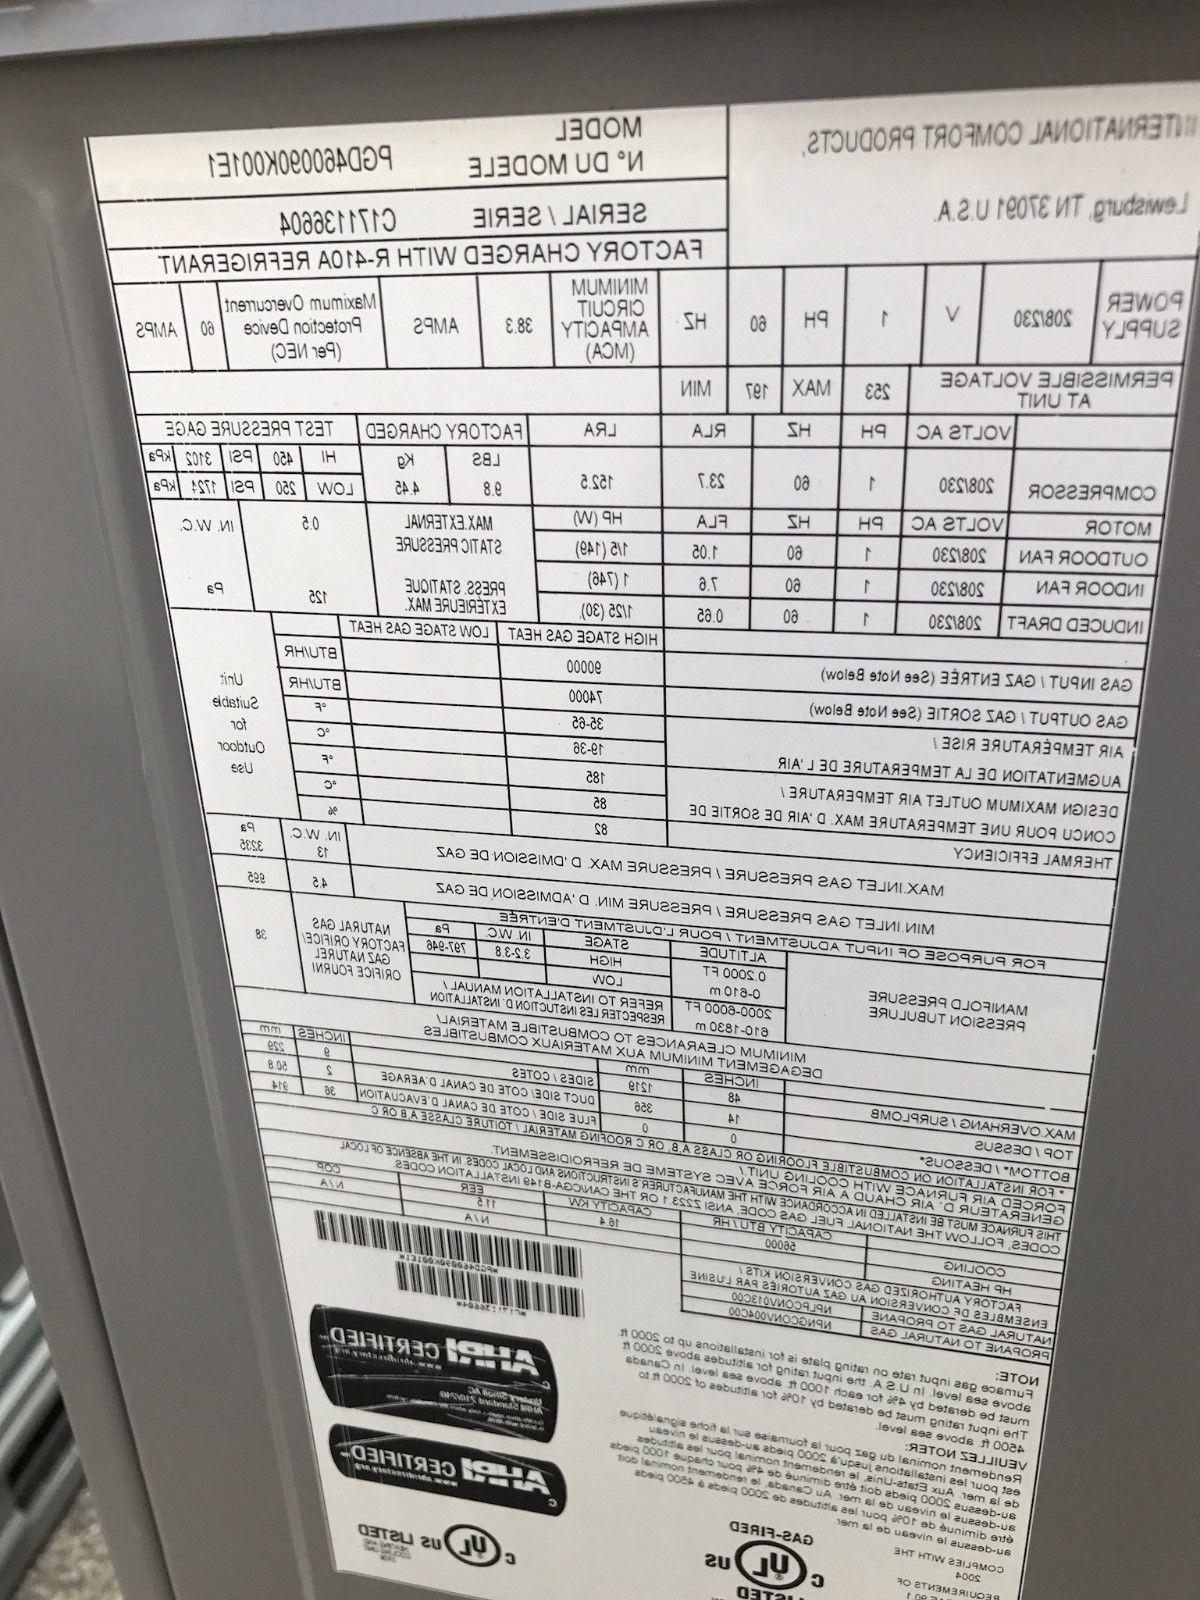 ICP 14 RESIDENTIAL UNIT GAS/ELEC 230V 1PH